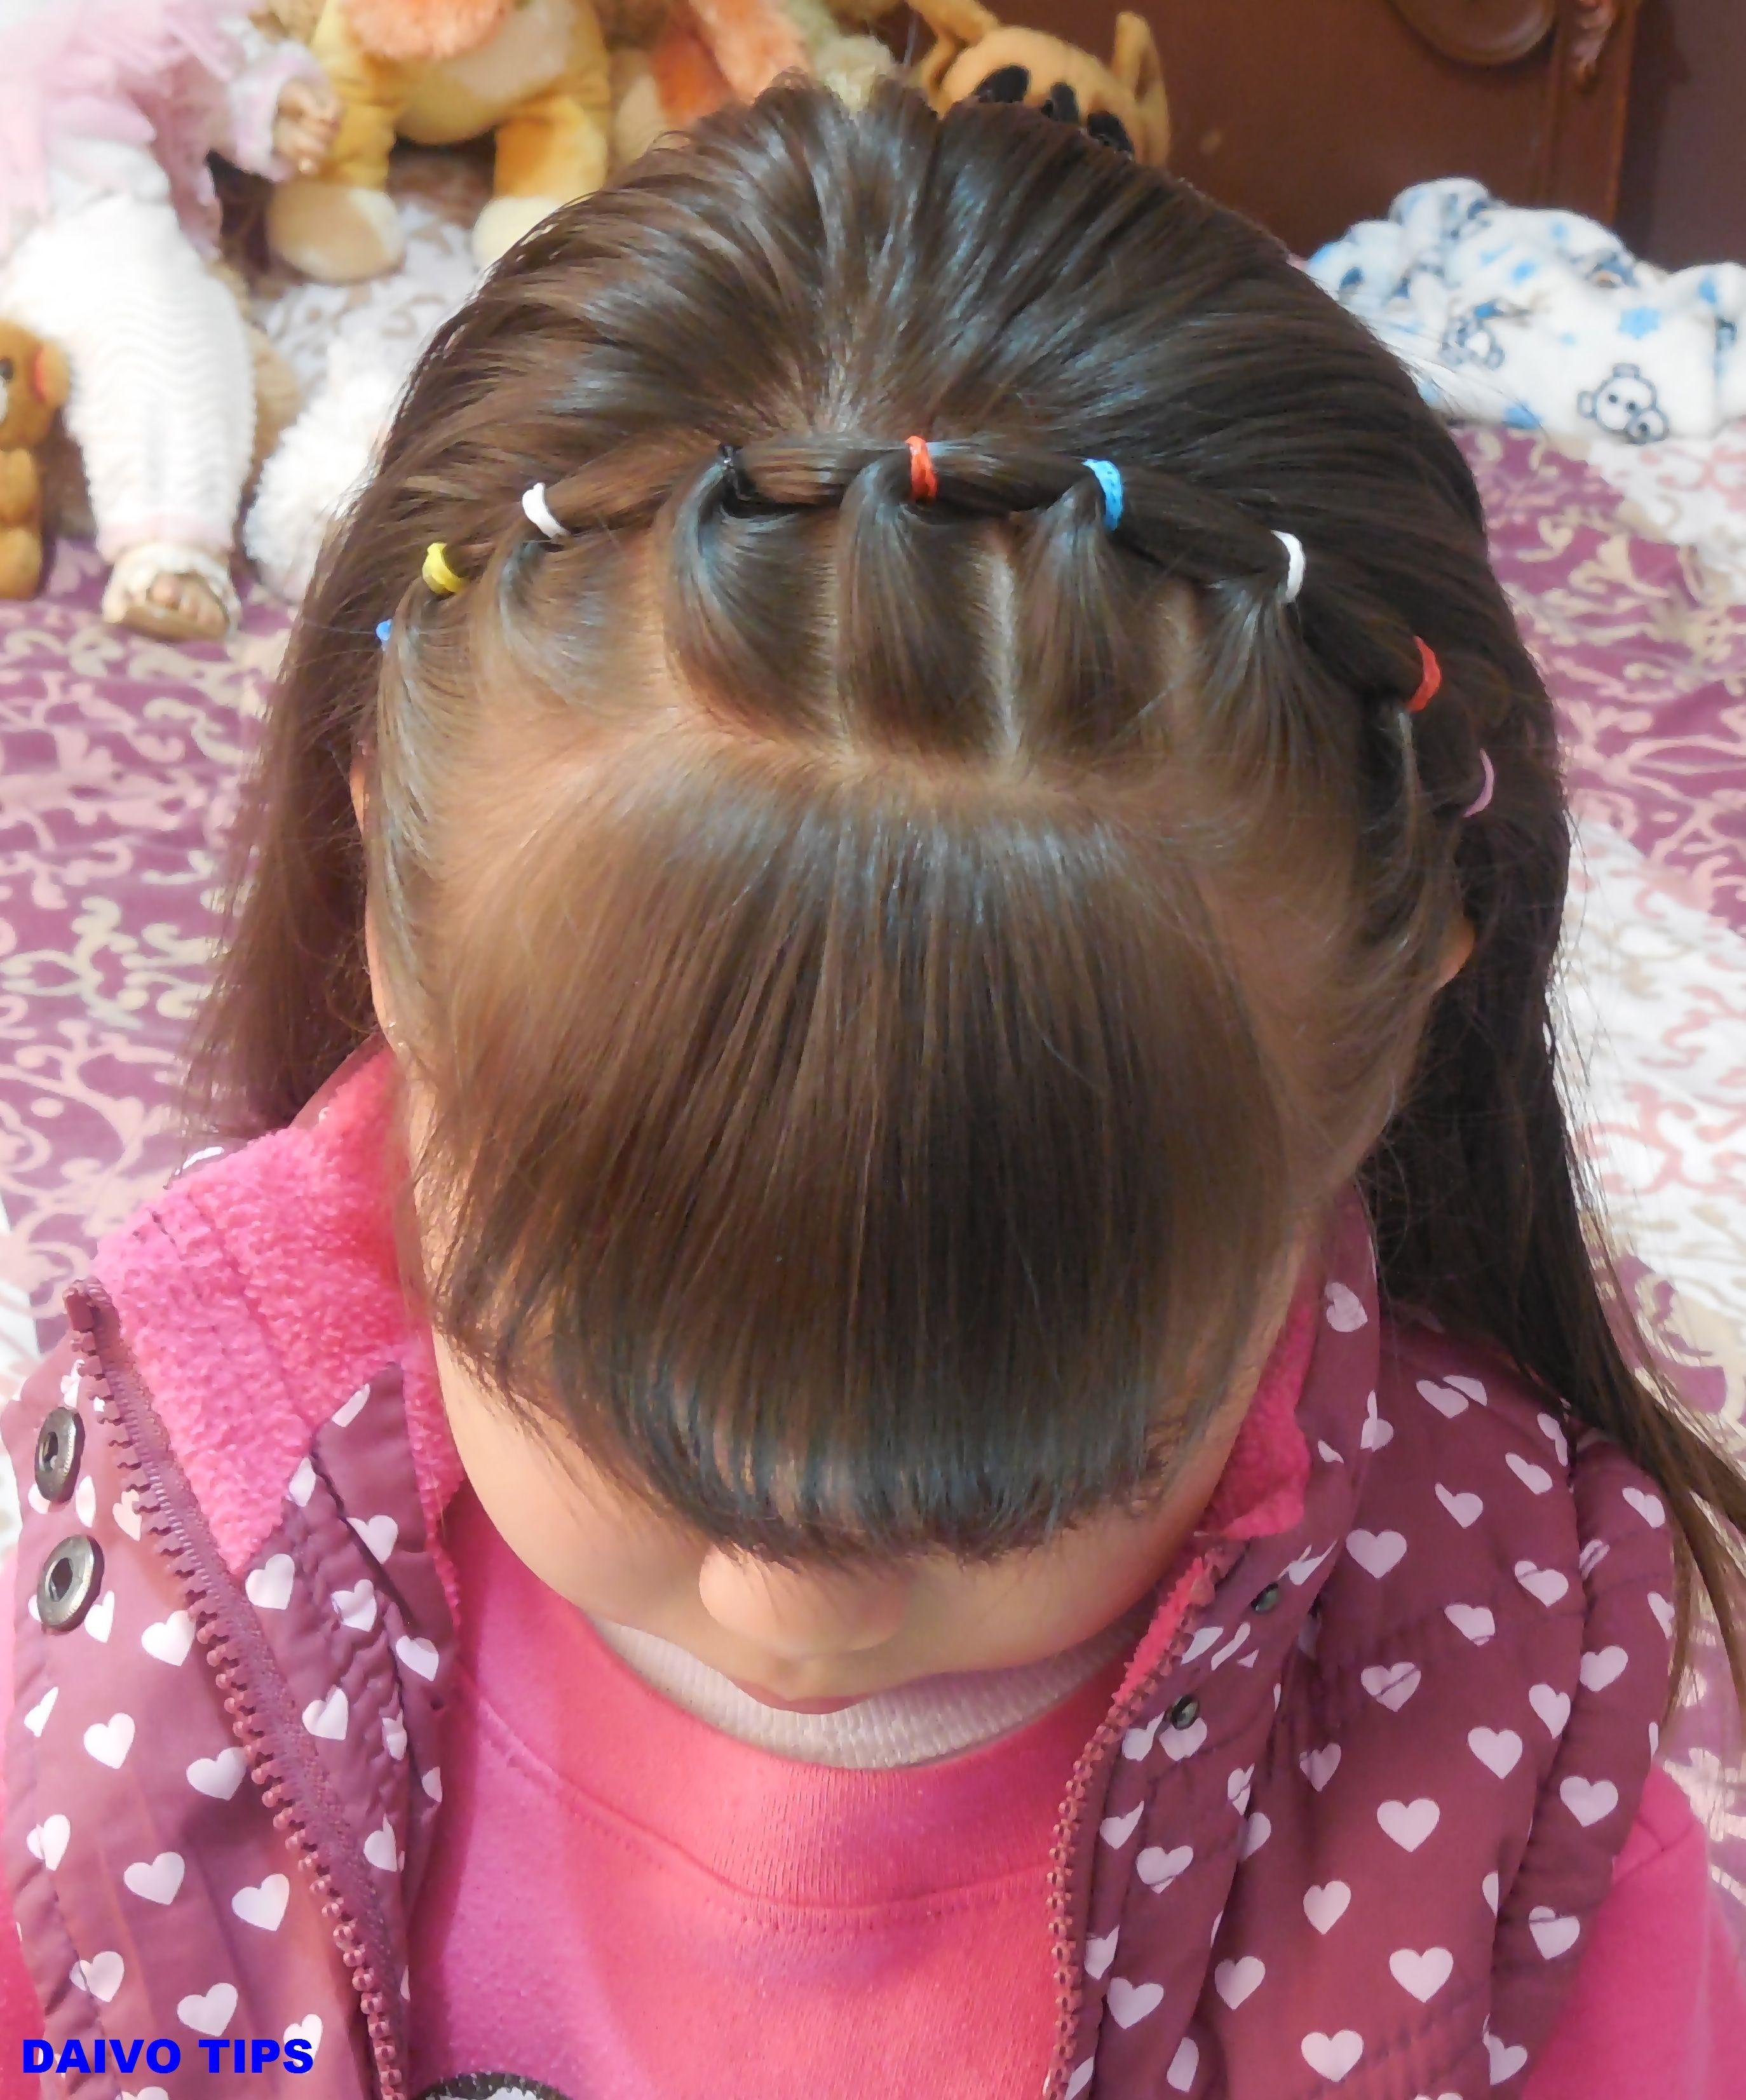 Peinado Facil Diadema Con Ligas Peinados Para Nina Hair Styles